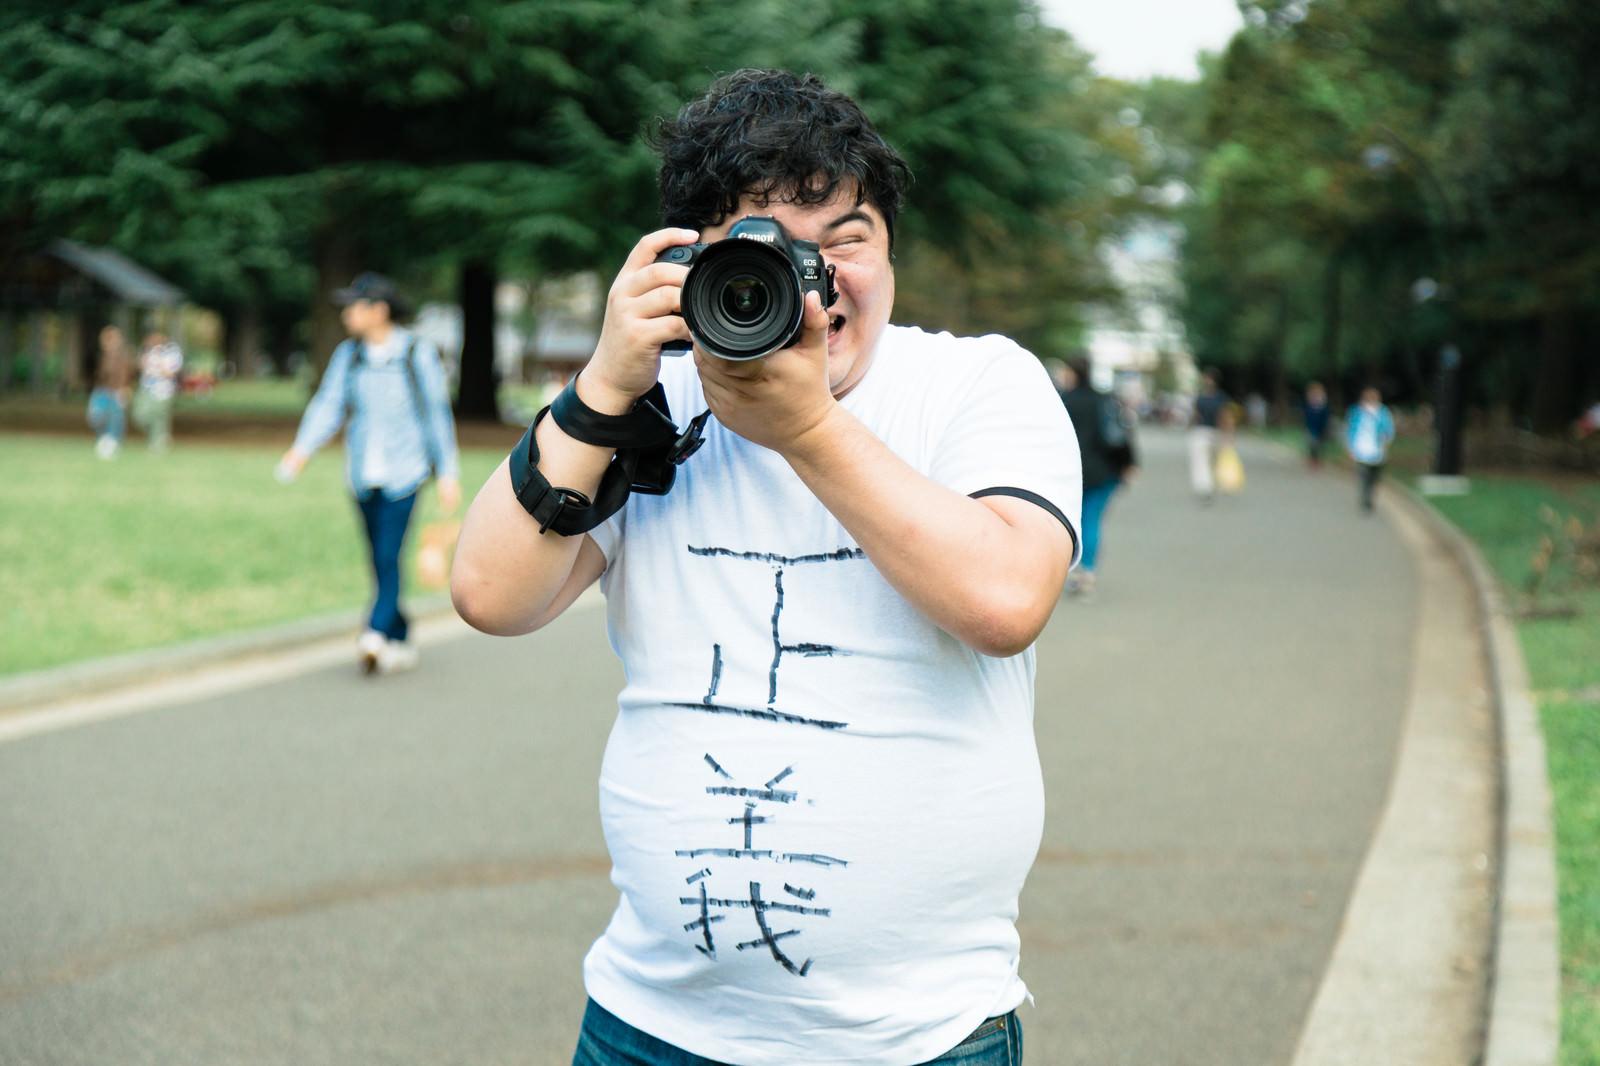 「正義のカメラマン」の写真[モデル:段田隼人]